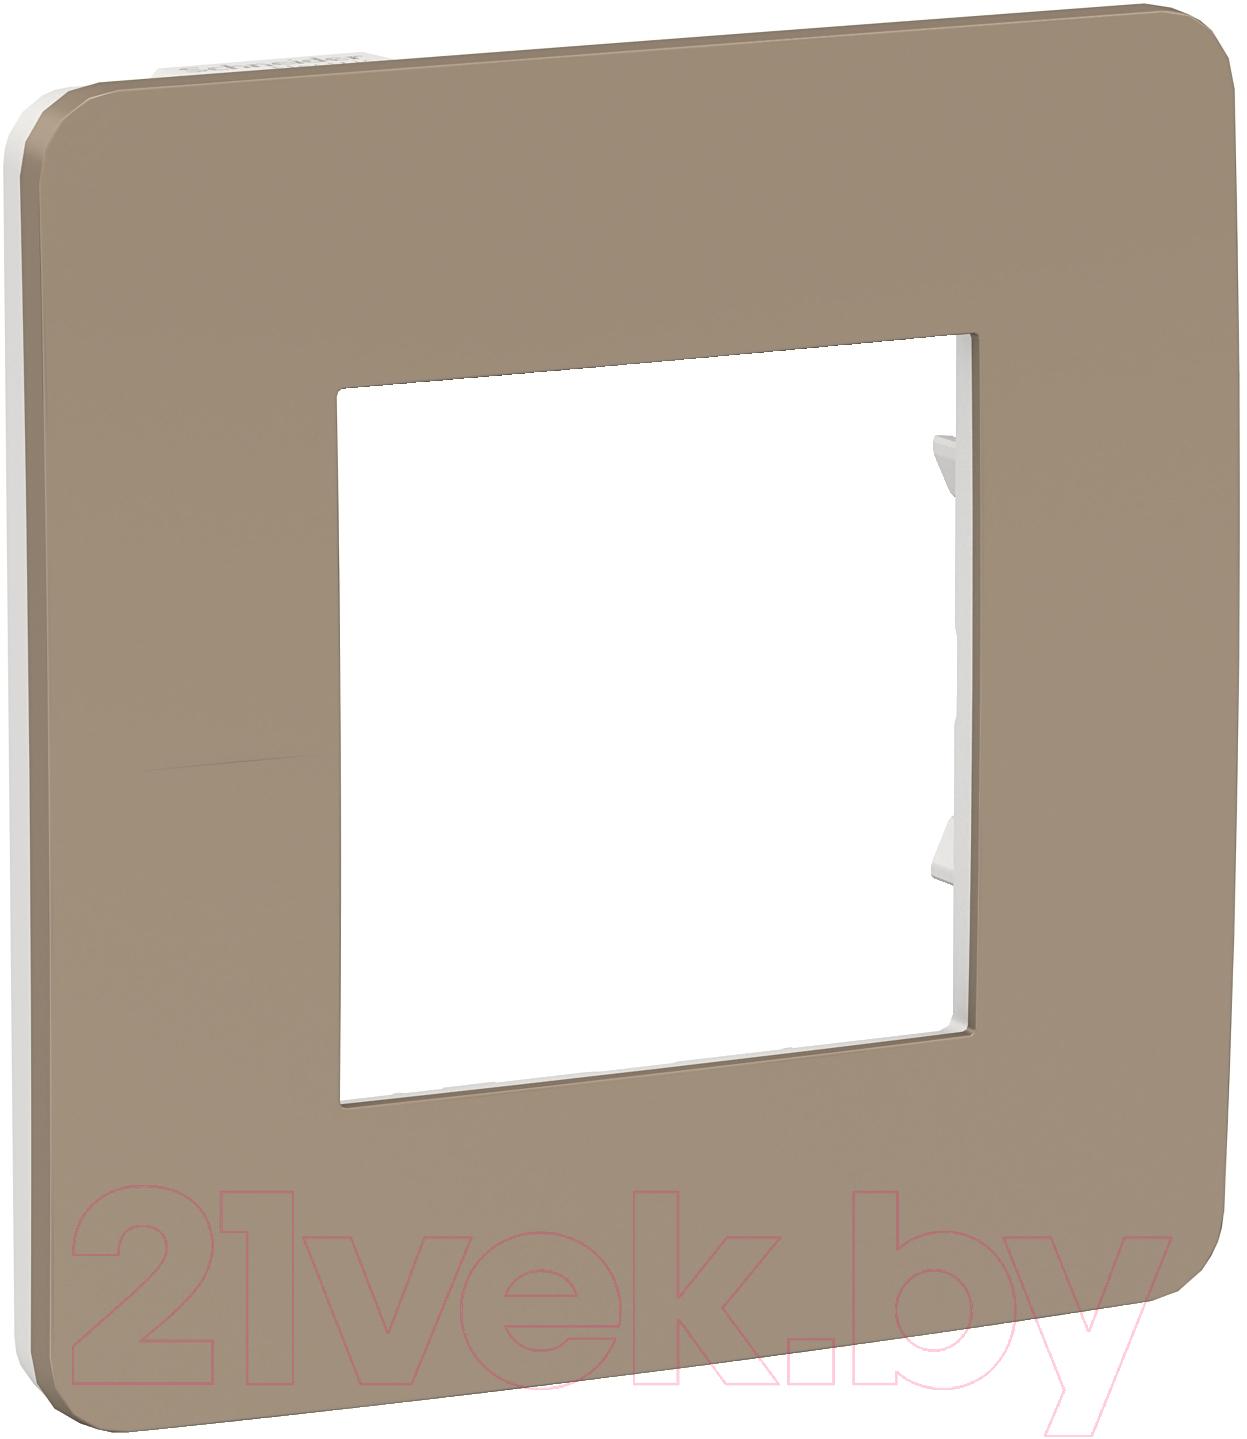 Купить Рамка для выключателя Schneider Electric, Unica NU280226, Россия, пластик, Unica Studio (Schneider Electric)